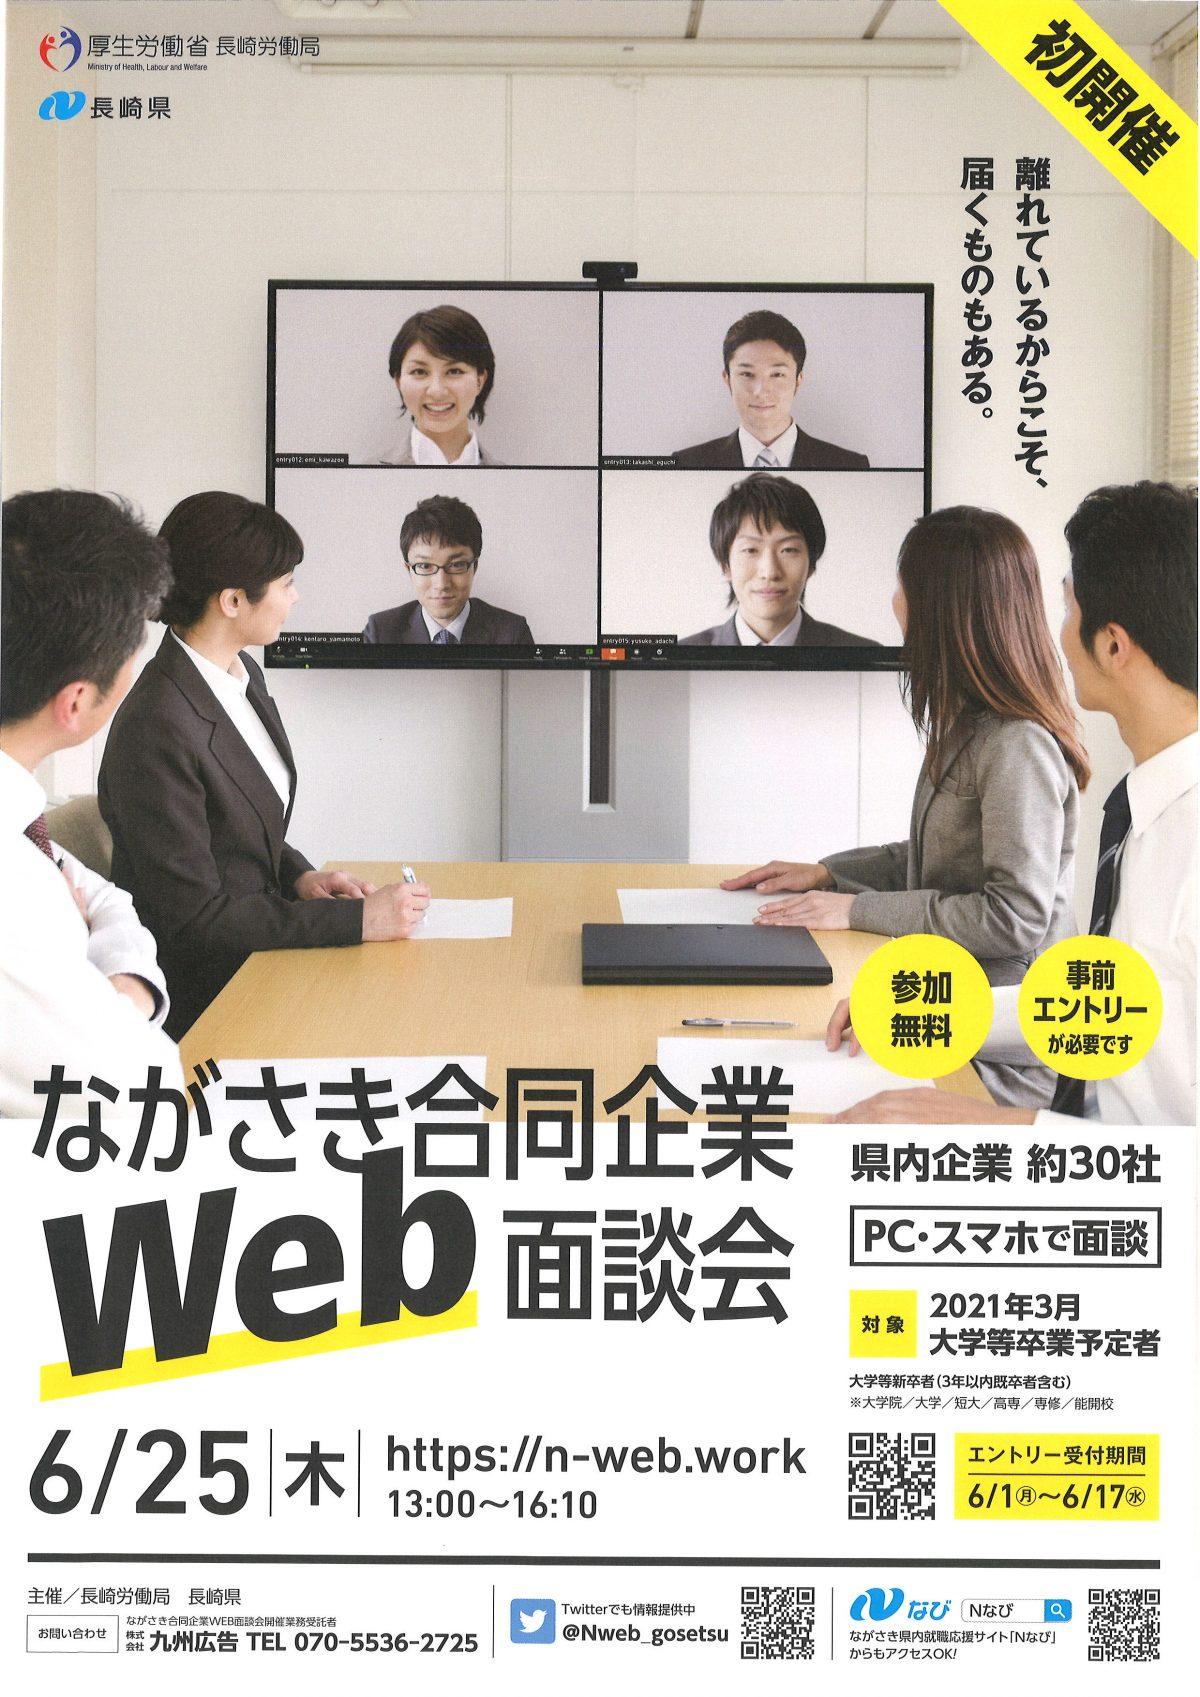 ながさき合同企業web面談会のお知らせ